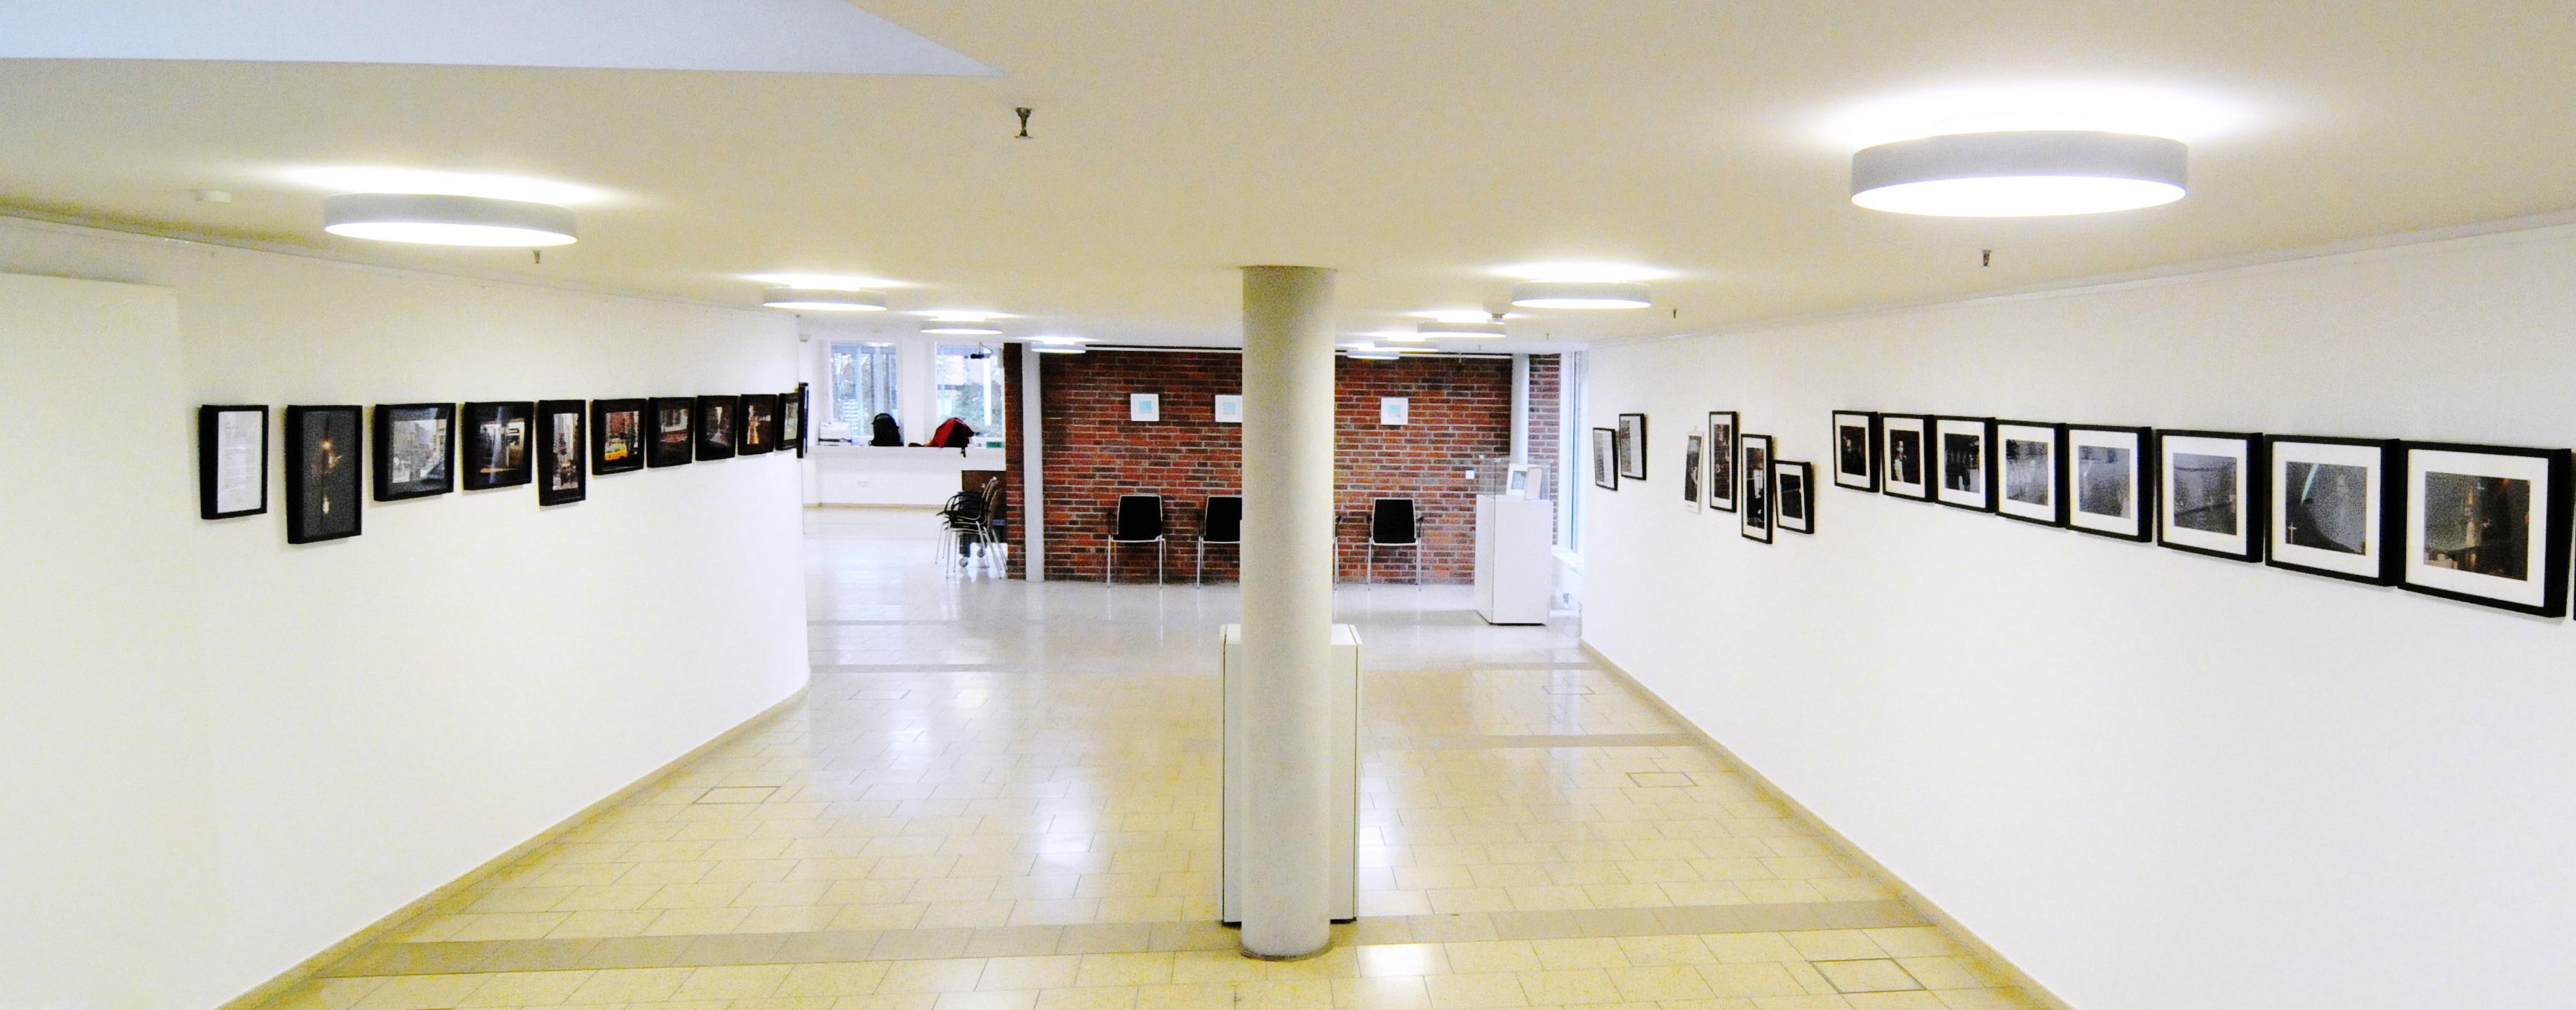 Galerie 2_1